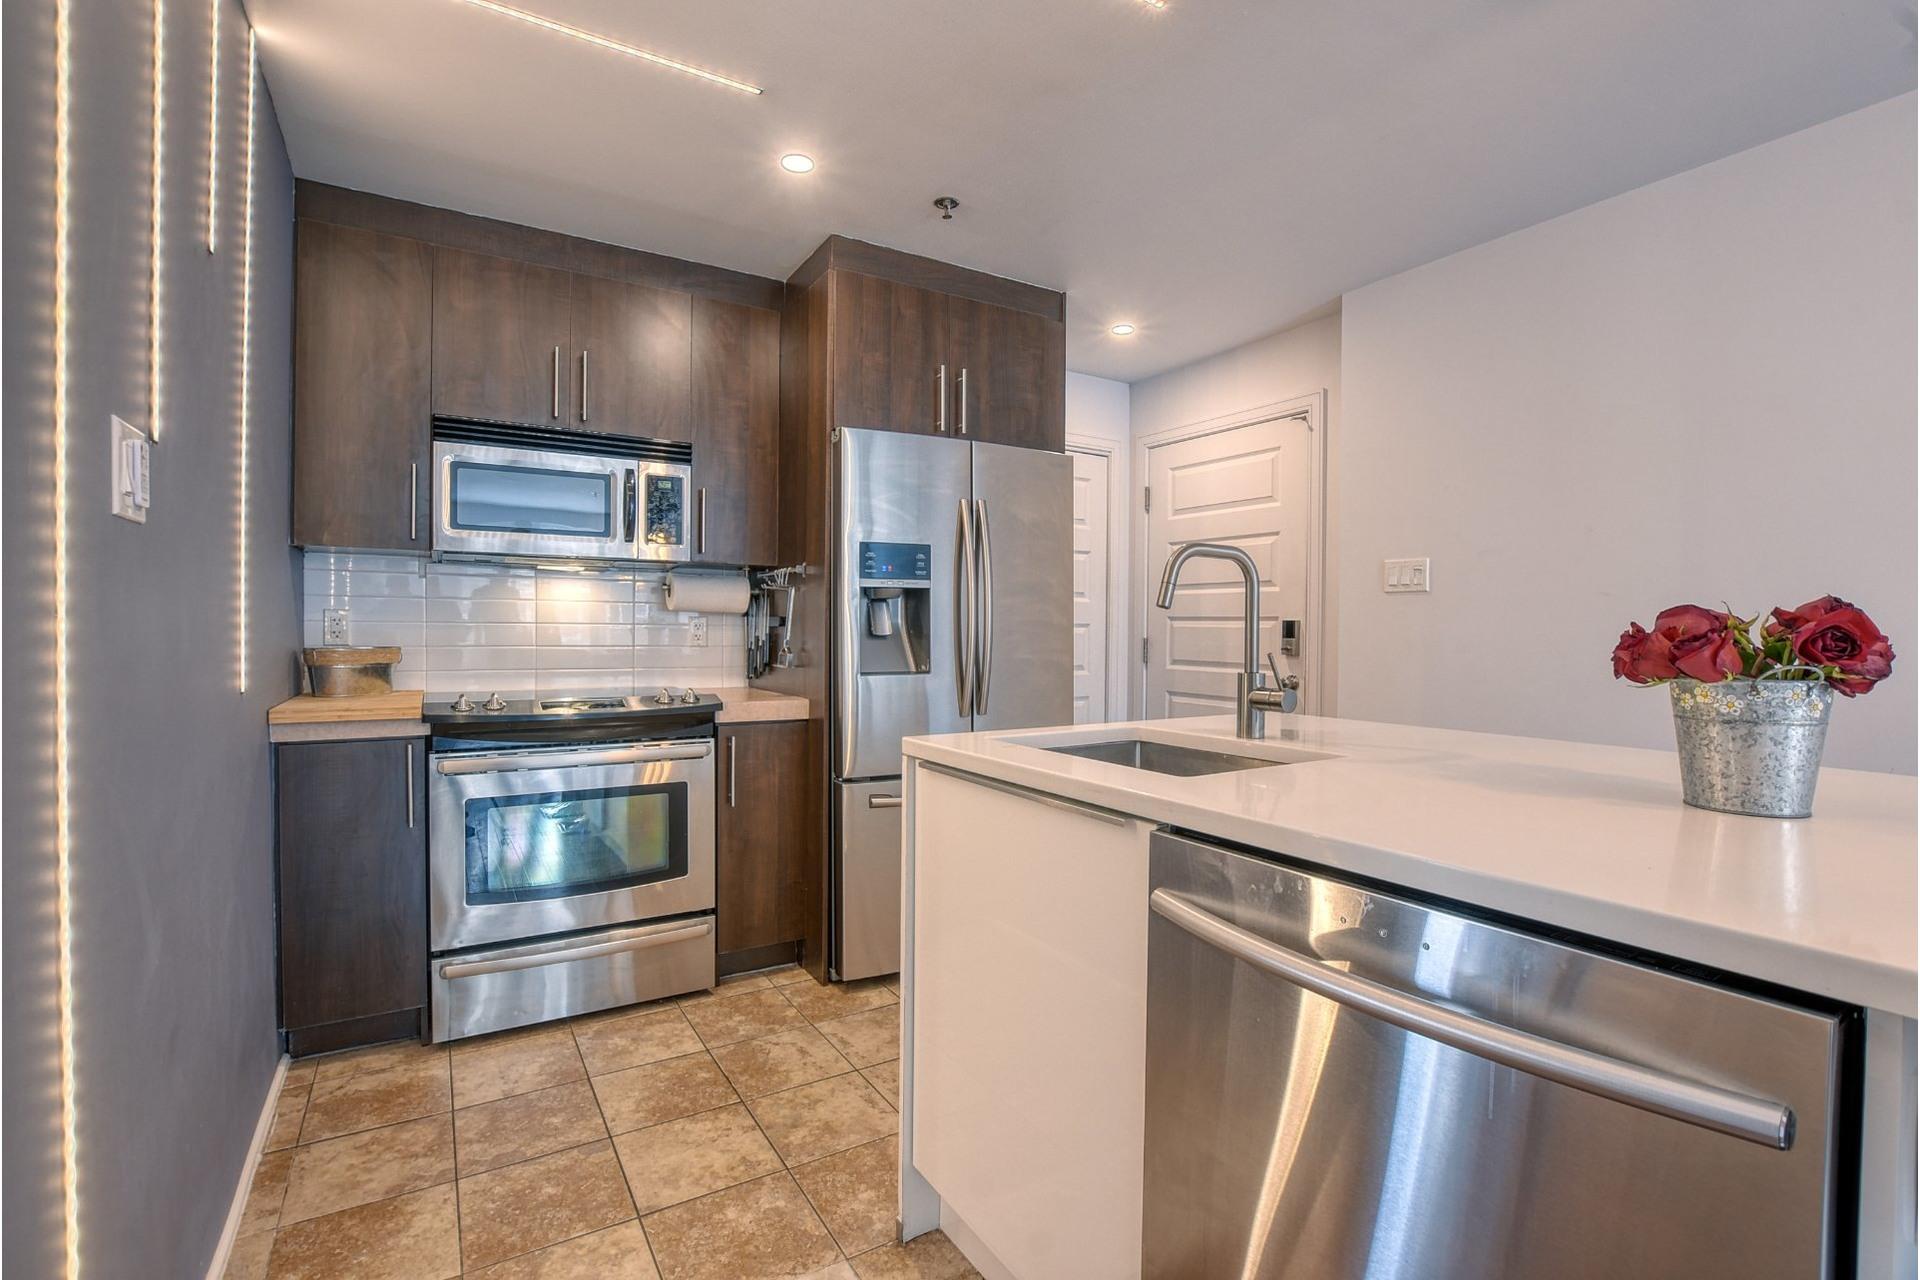 image 2 - Apartment For sale Ahuntsic-Cartierville Montréal  - 4 rooms